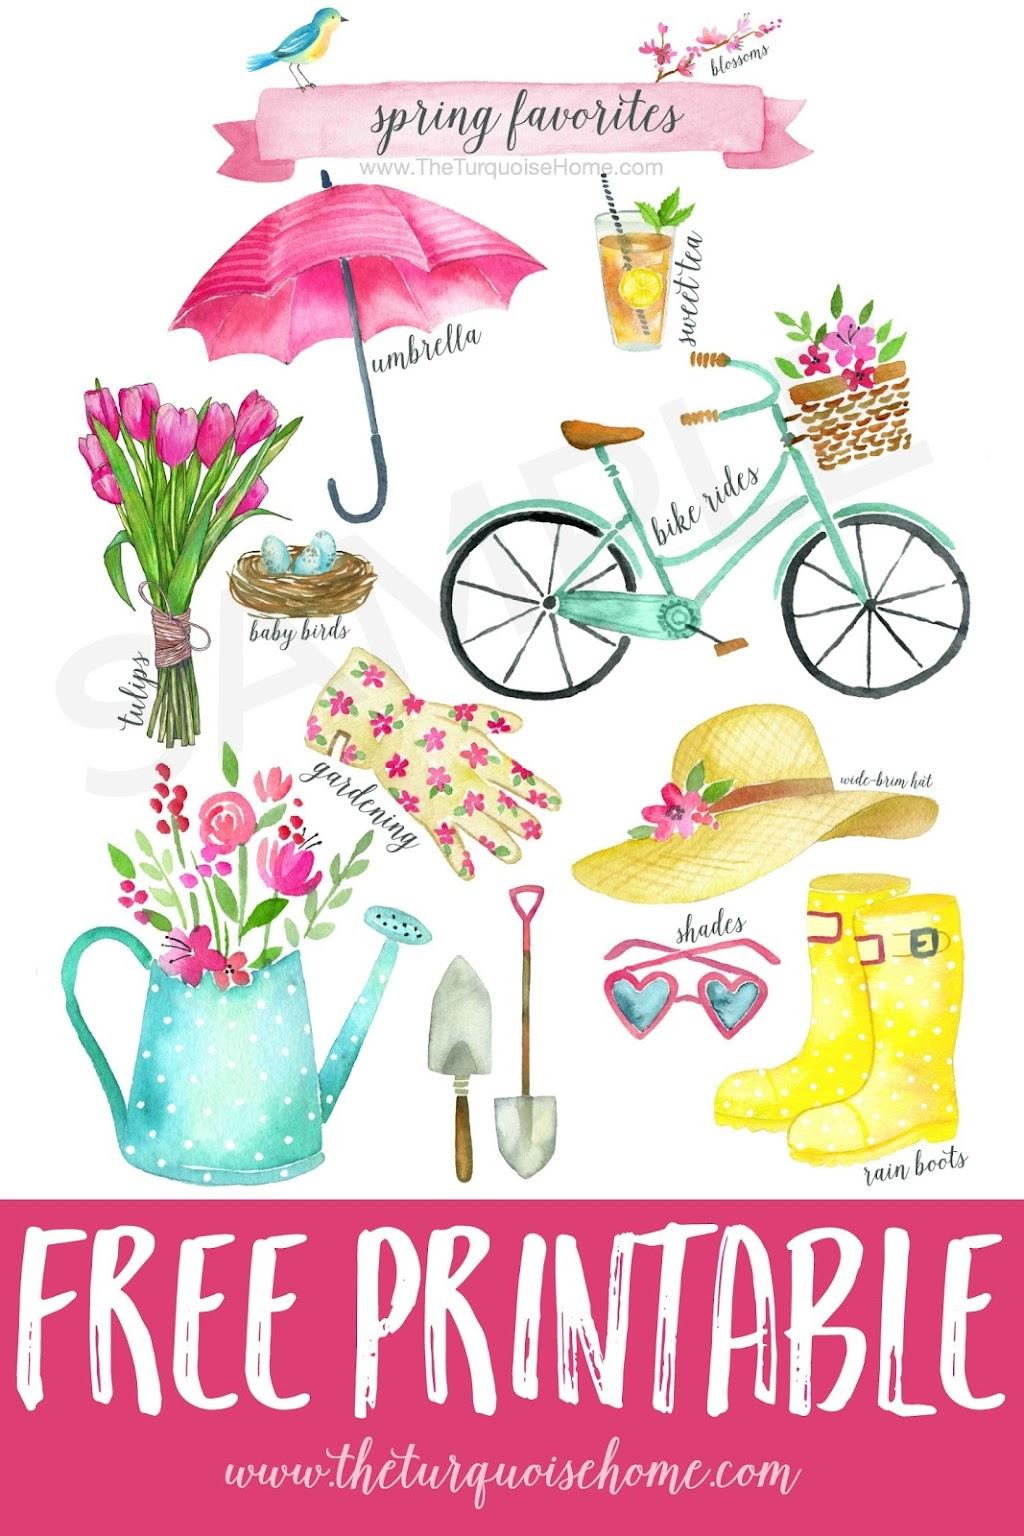 Spring Favorites Free Printable